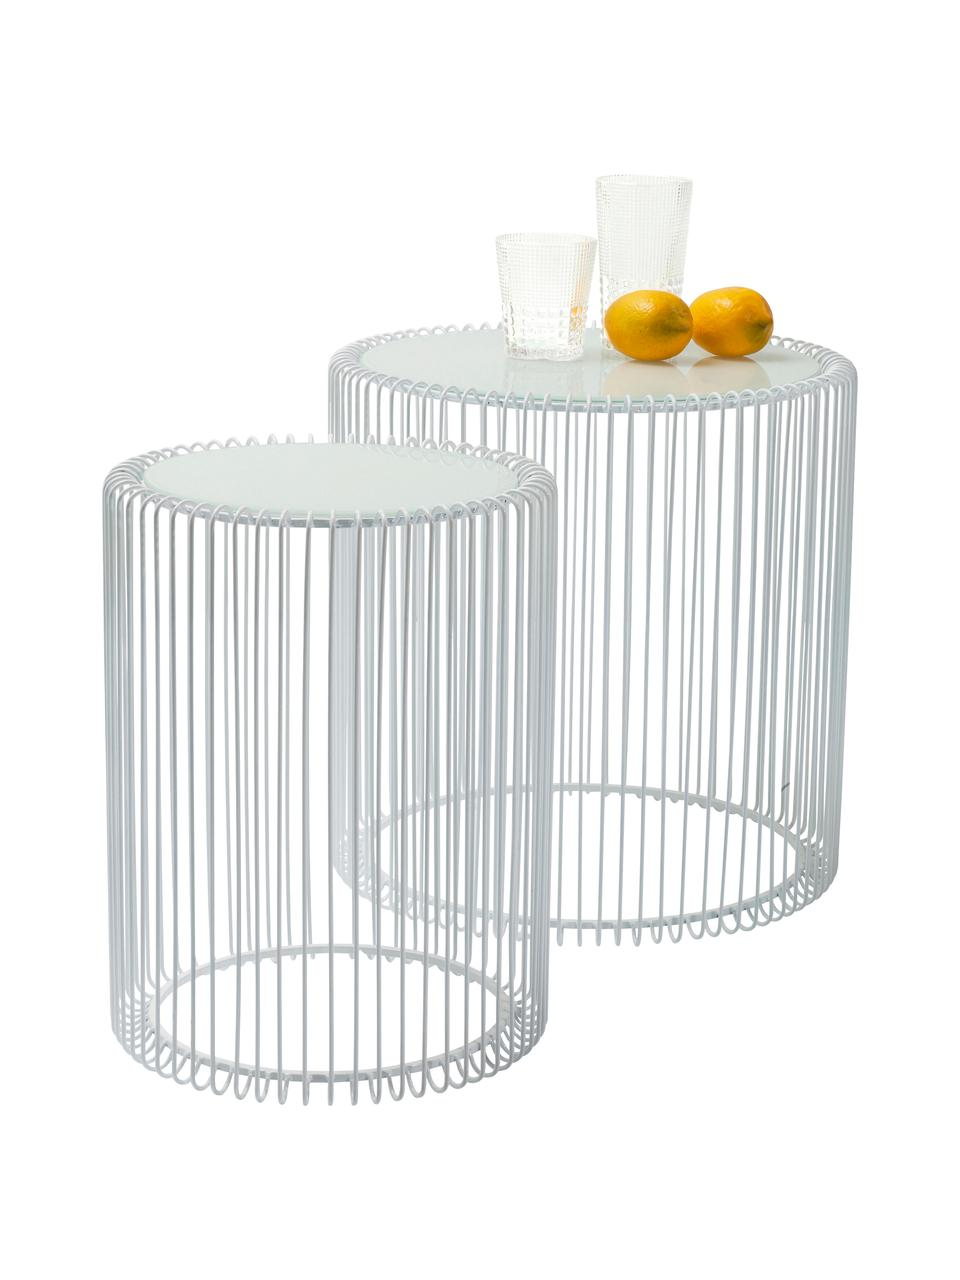 Table d'appoint avec plateau en verreWire, 2élém., Blanc